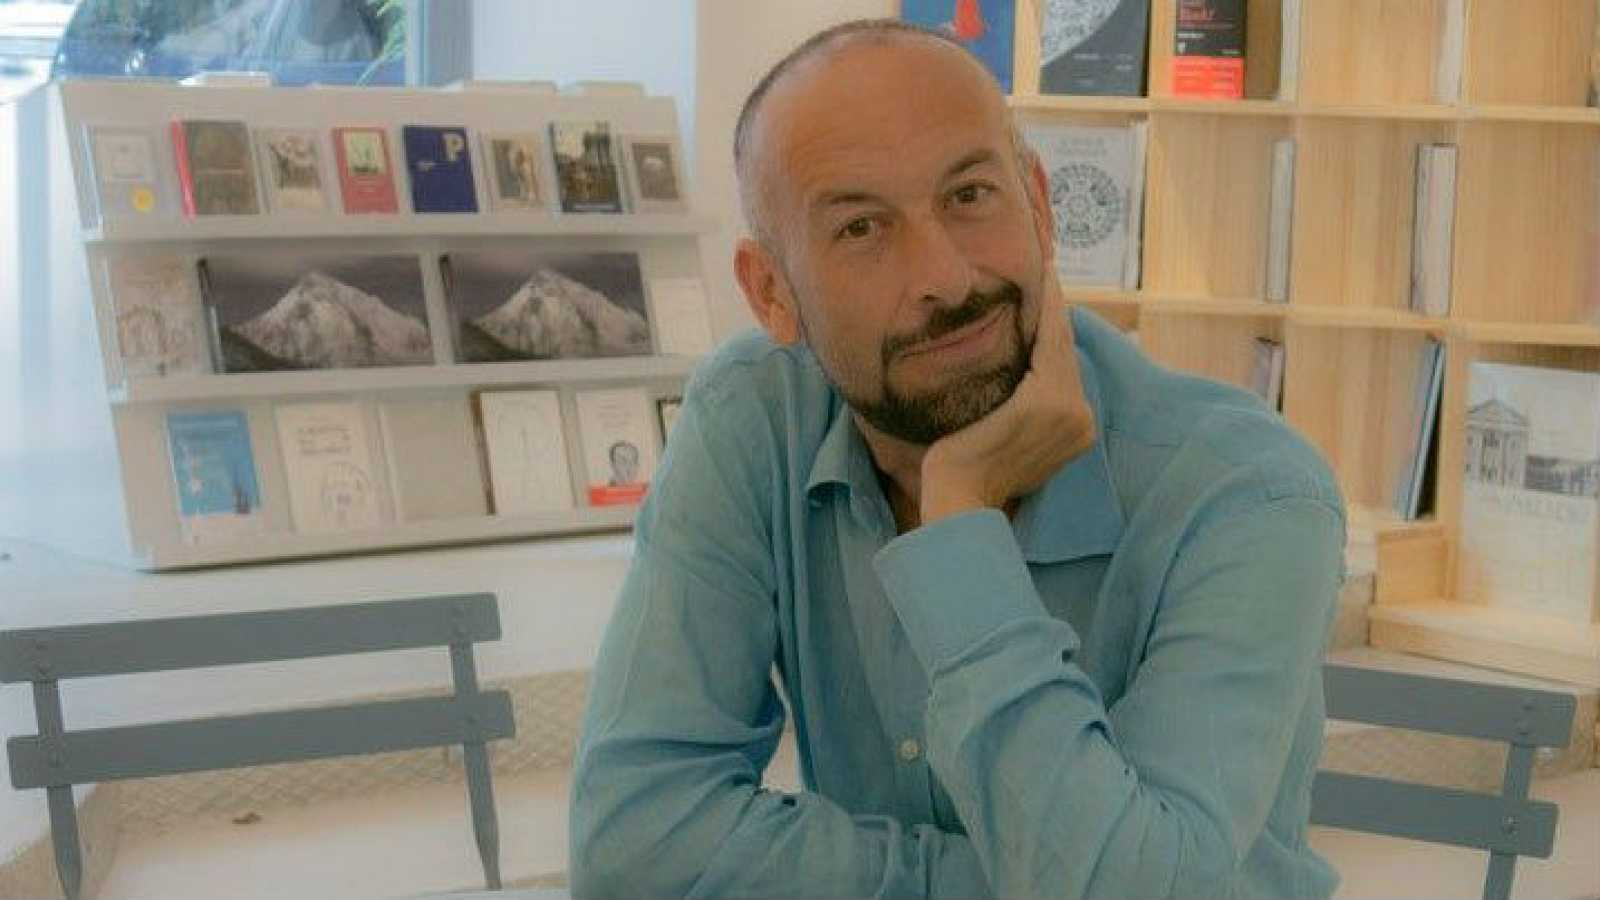 Libros de arena -  Juegos de empeño y rendición, con Javier Expósito Lorenzo - 19/11/16 - Escuchar ahora